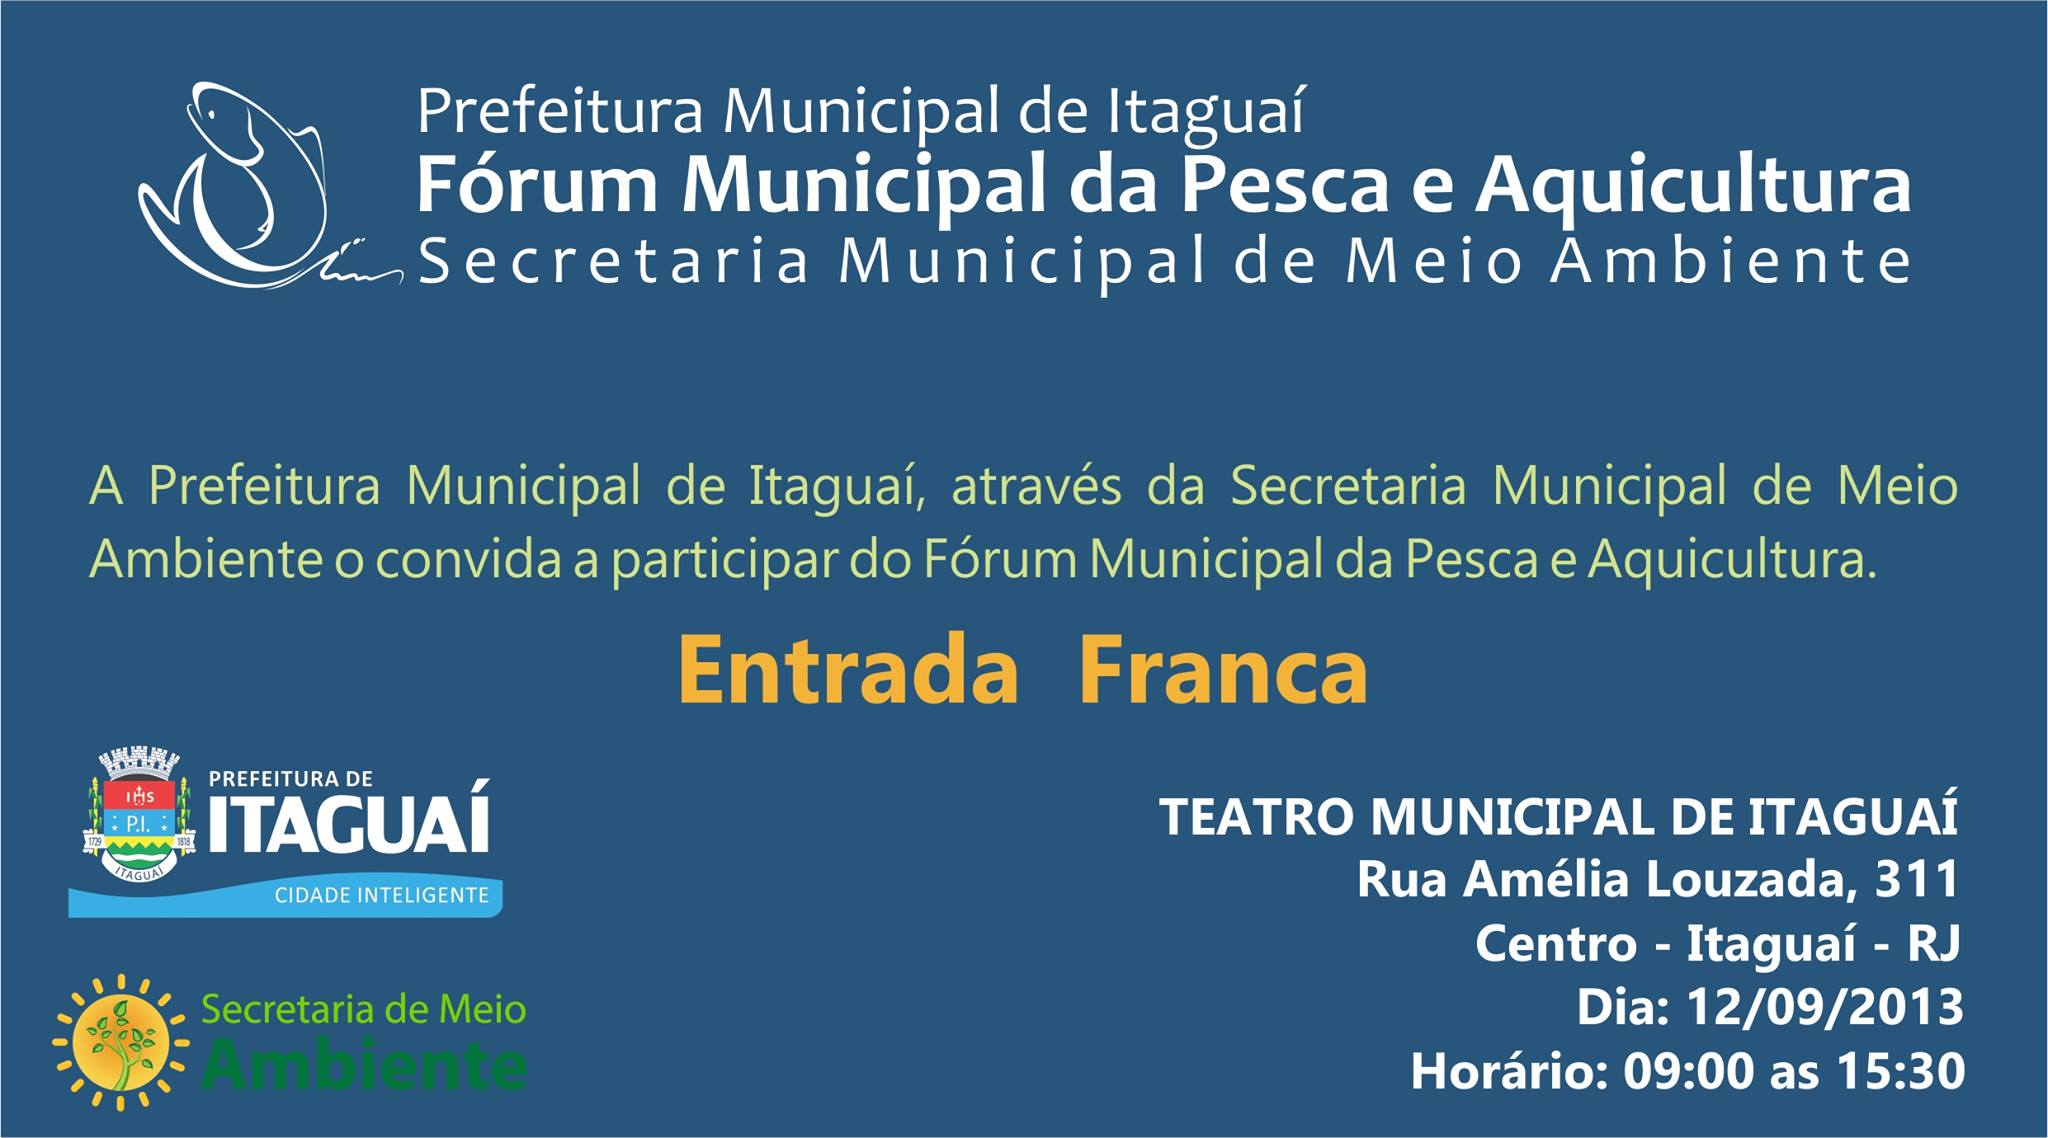 Fórum Municipal da Pesca e Aquicultura